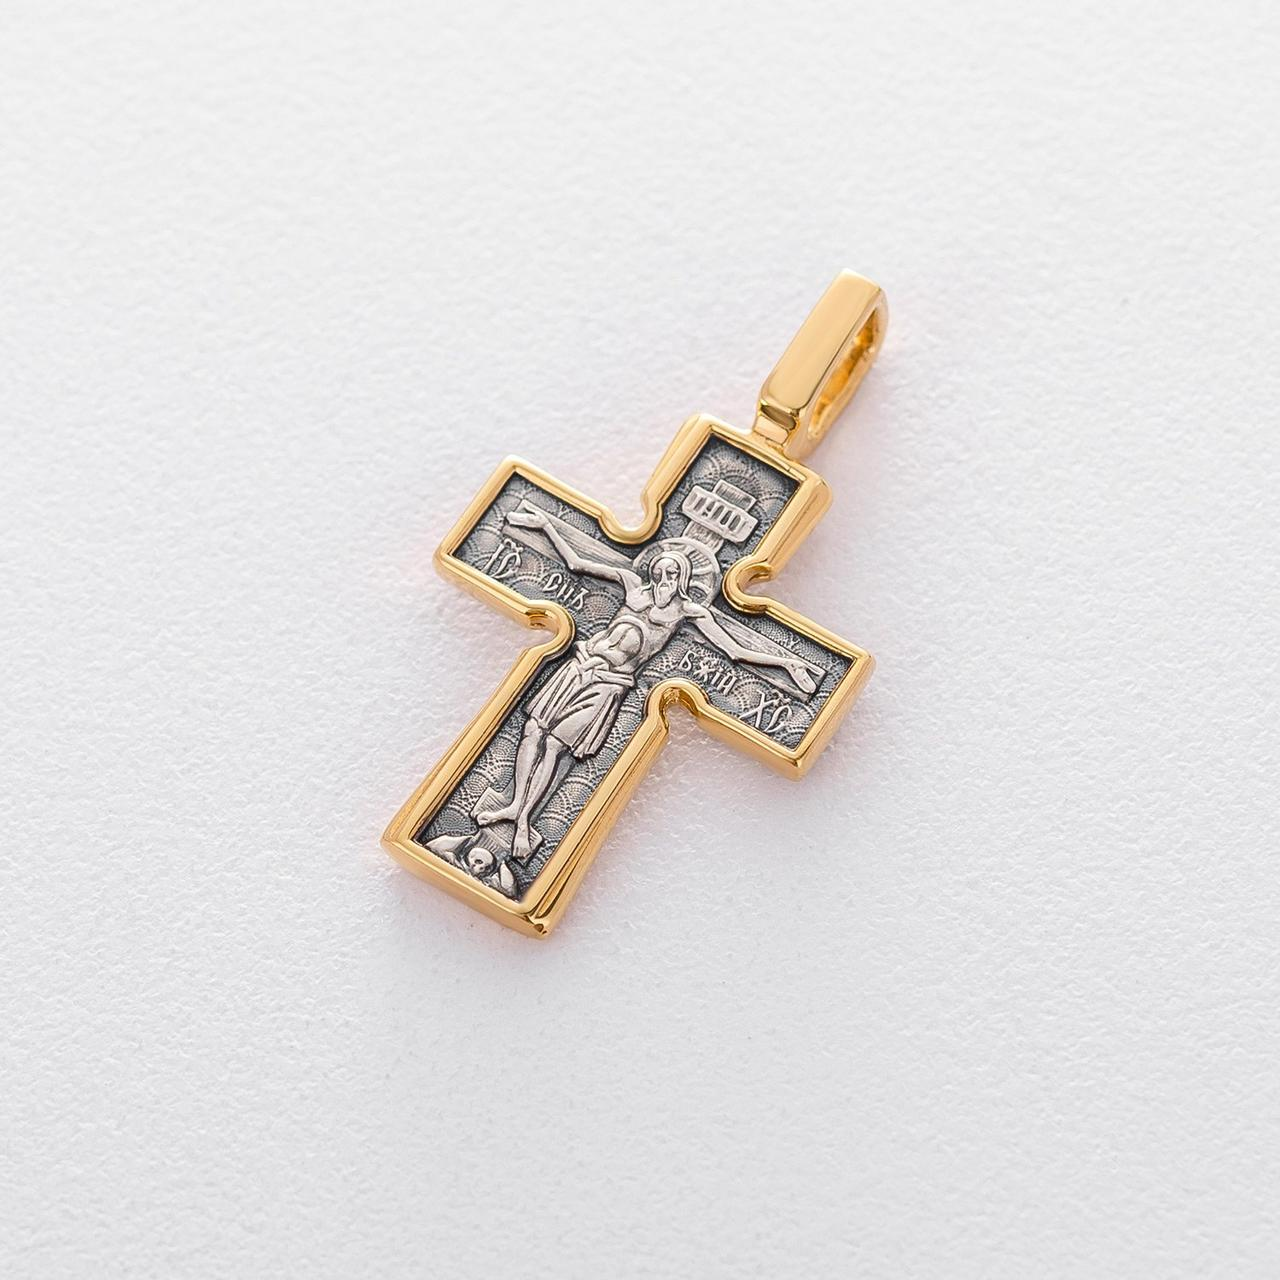 «Розп'яття GS . Божа Матір «Втілення». П'ять святителів»